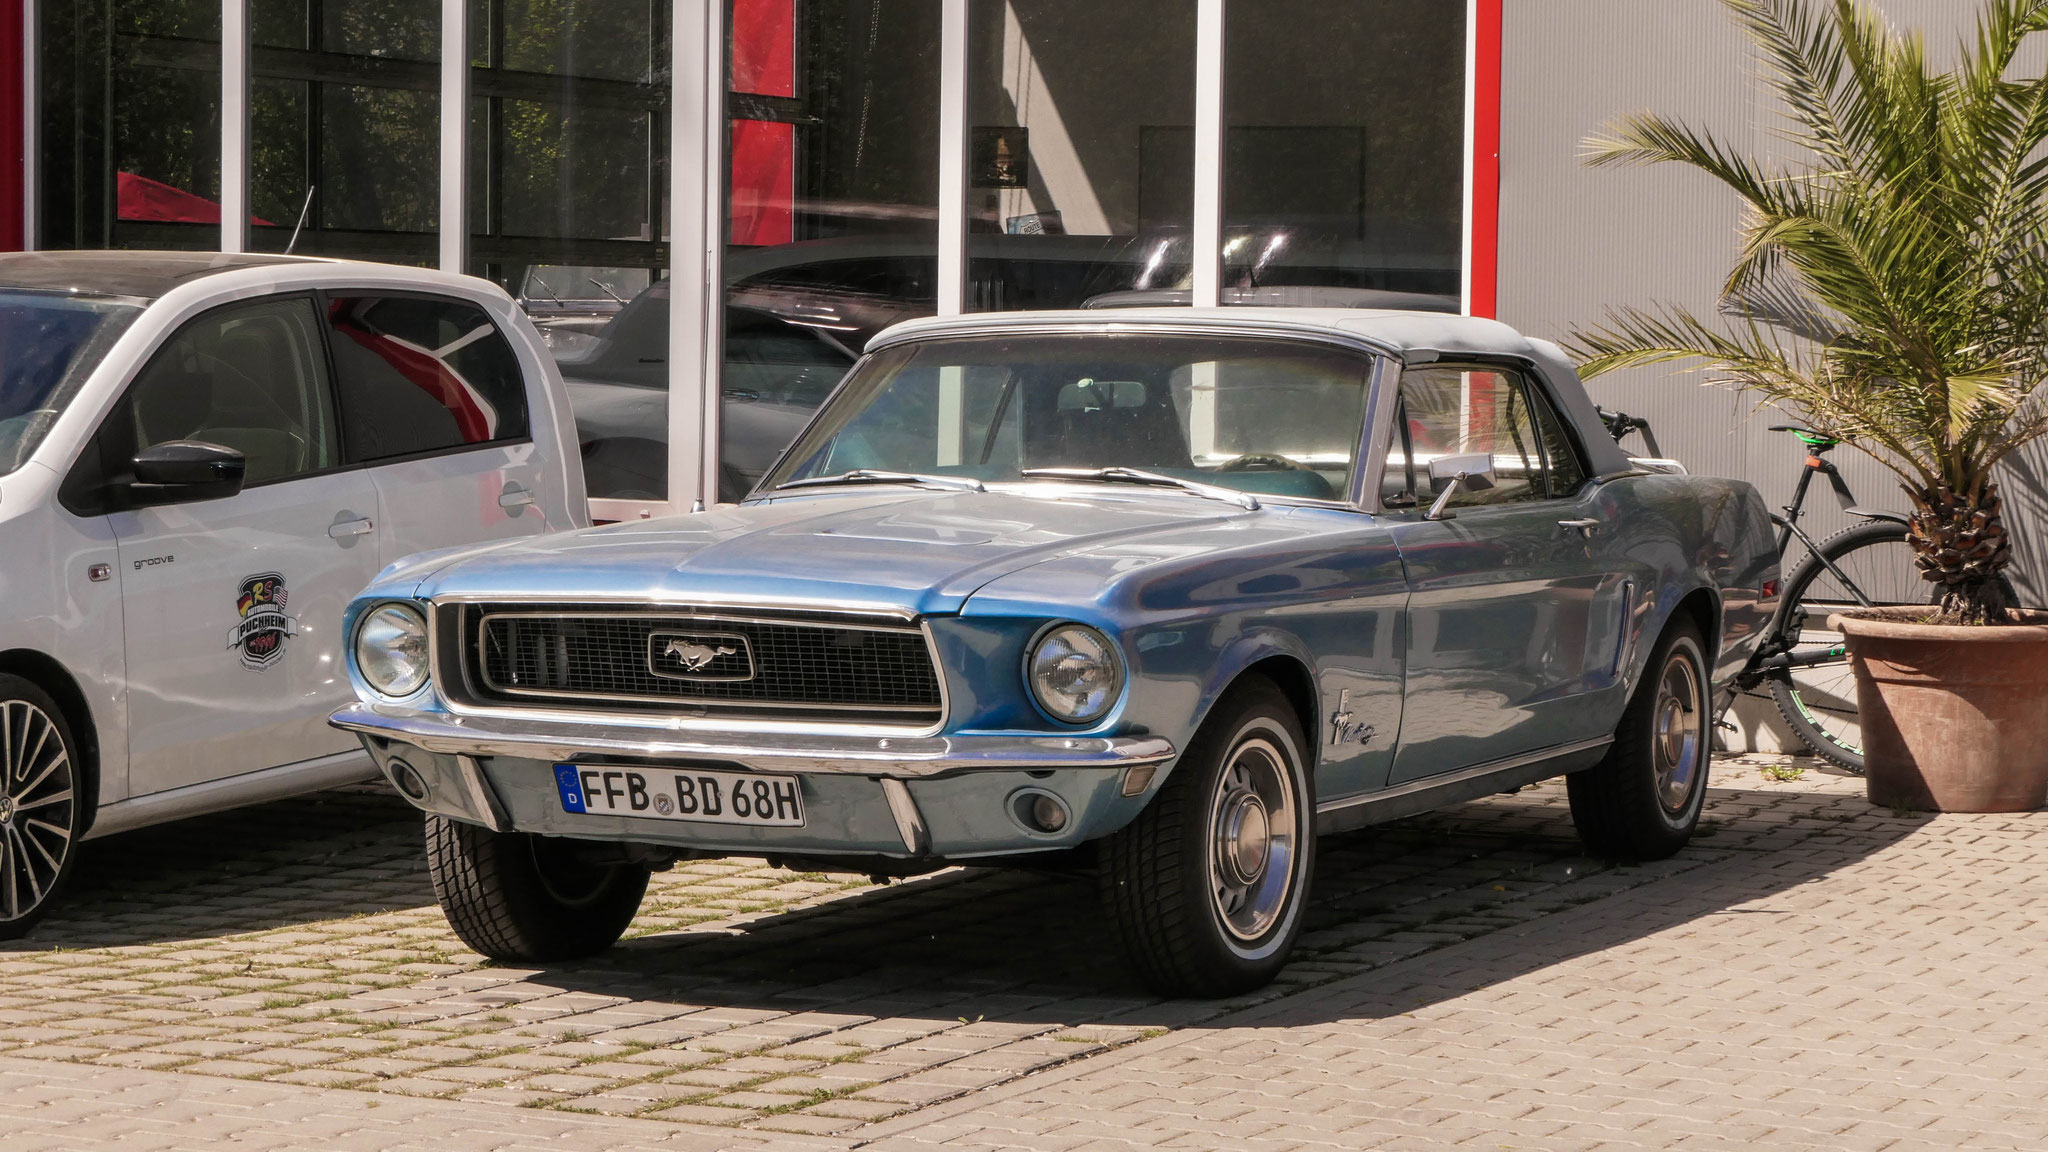 Mustang I - FFB-BD-68H